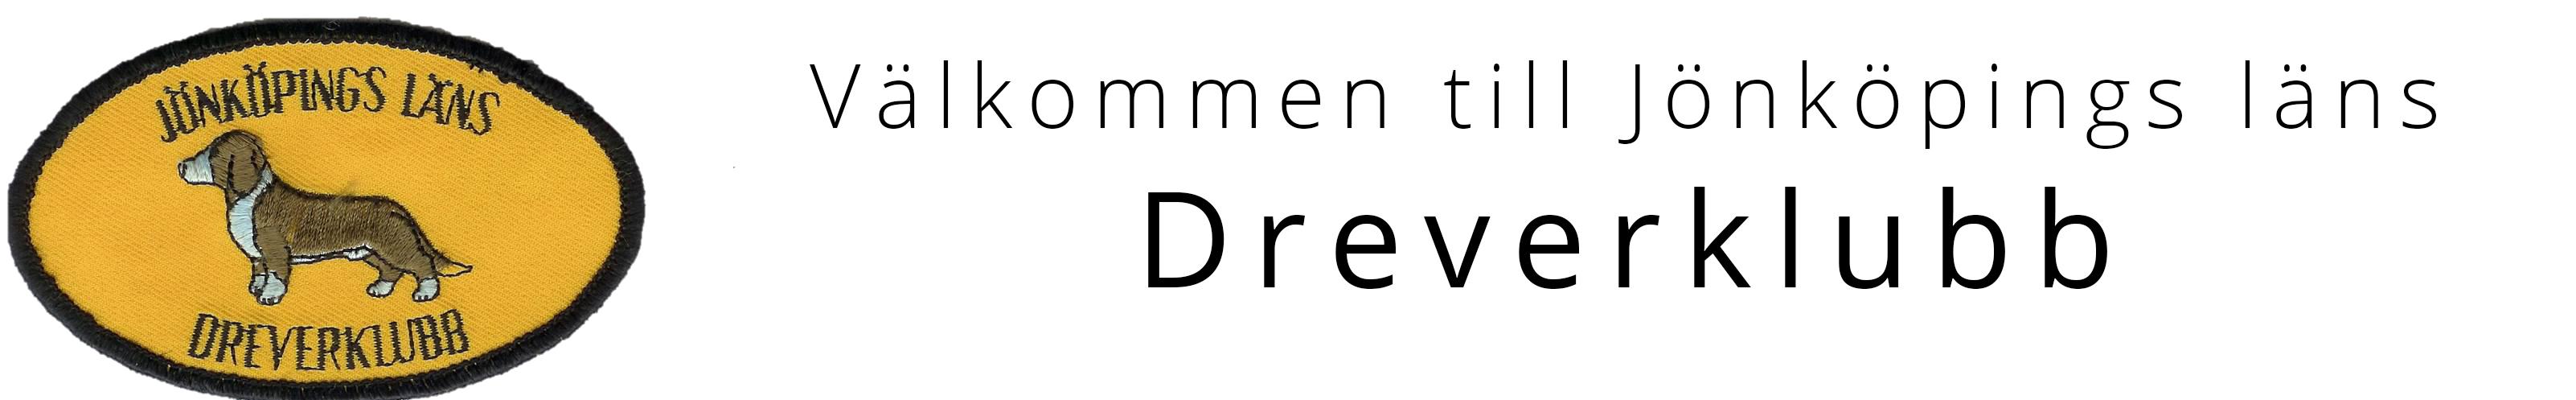 Svenska Dreverklubben